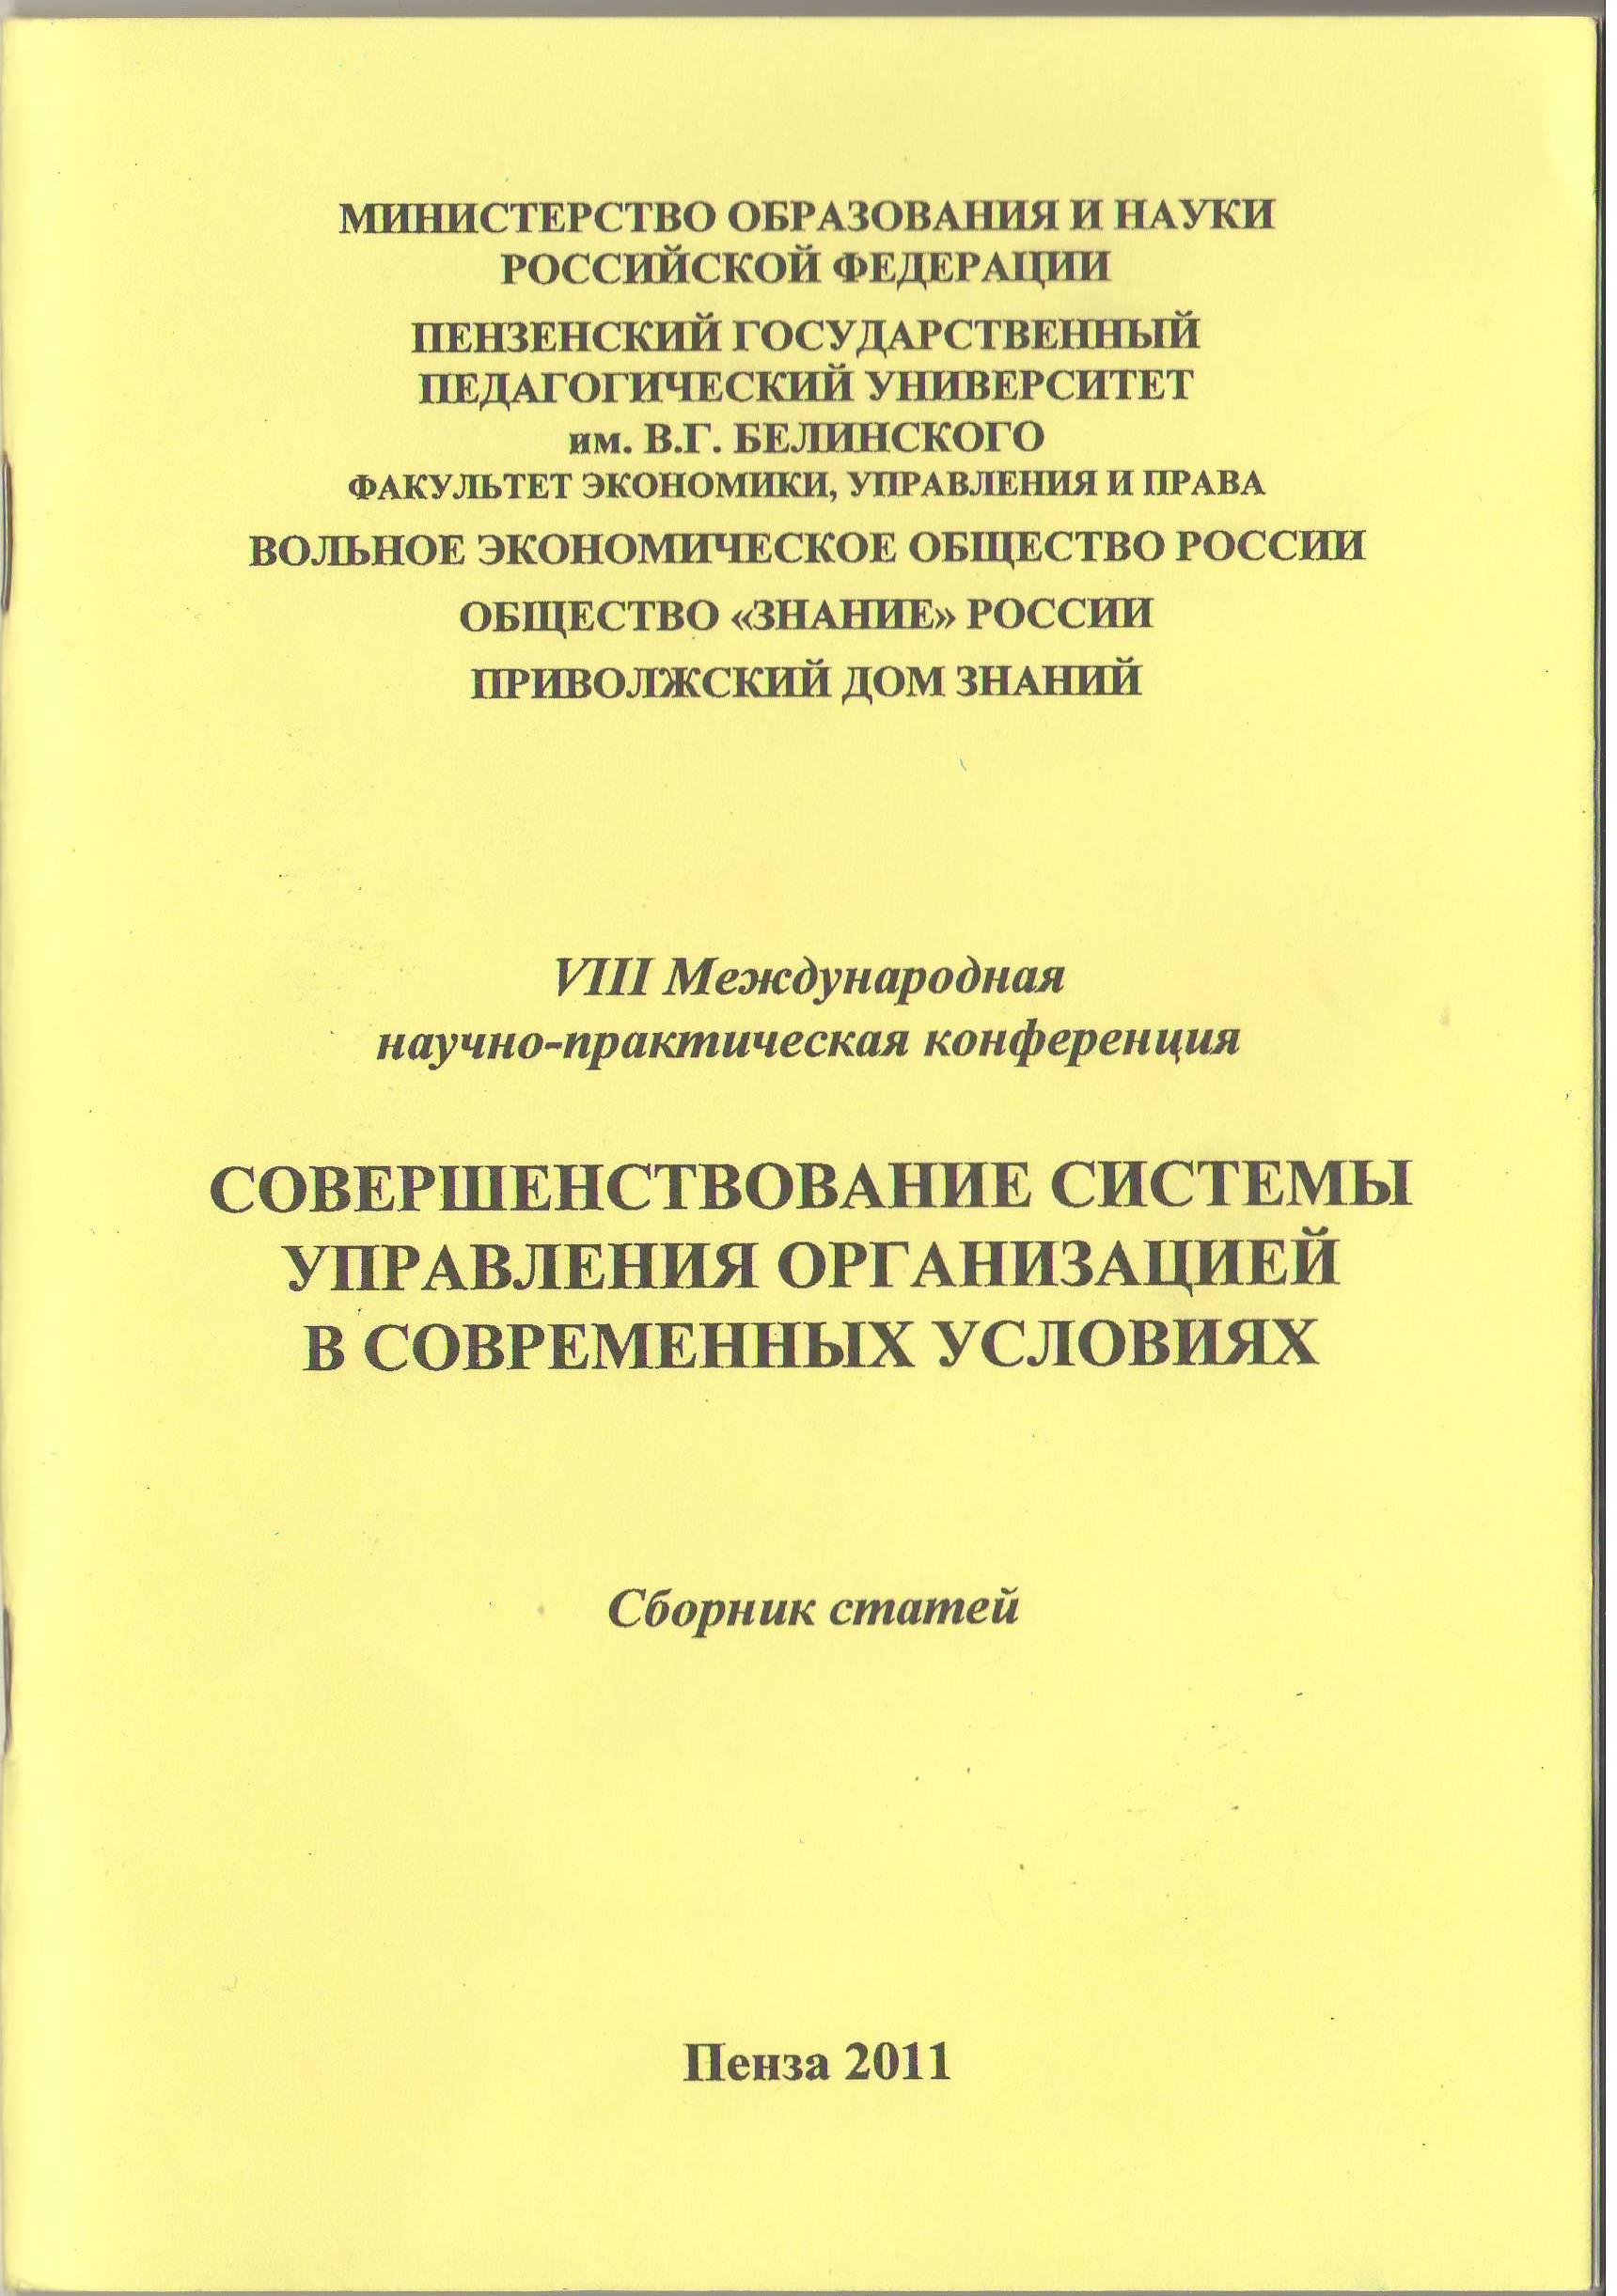 Совершенствование системы управления организацией в современных условиях: сборник статей VIII Международной научно-практической конференции